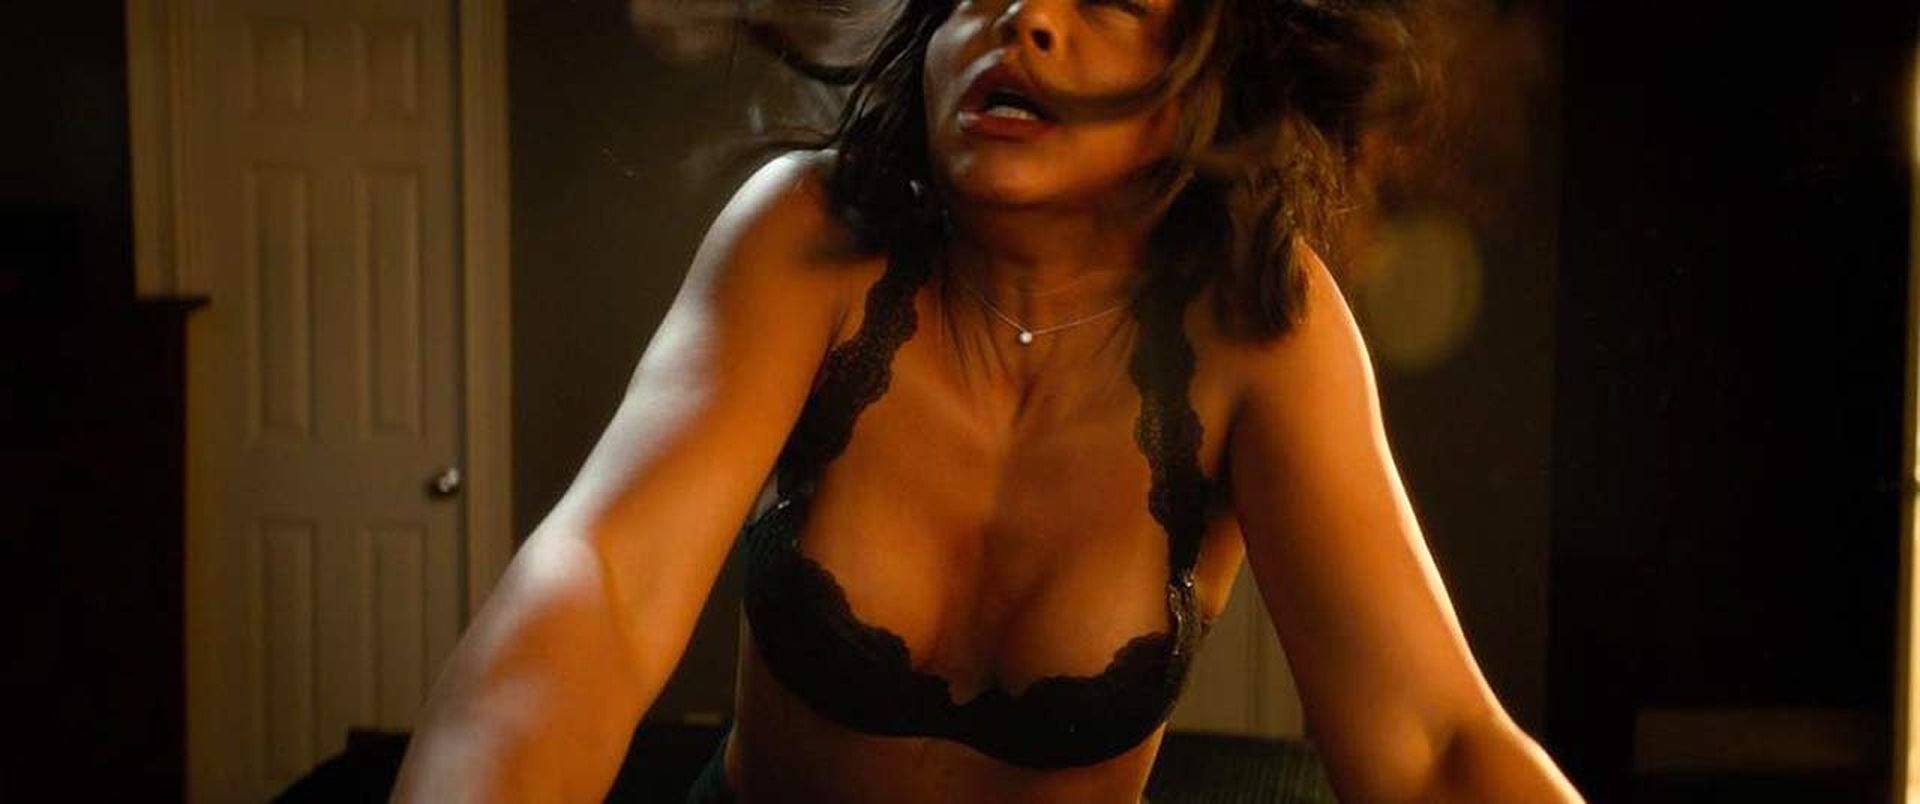 taraji p henson naked in movie